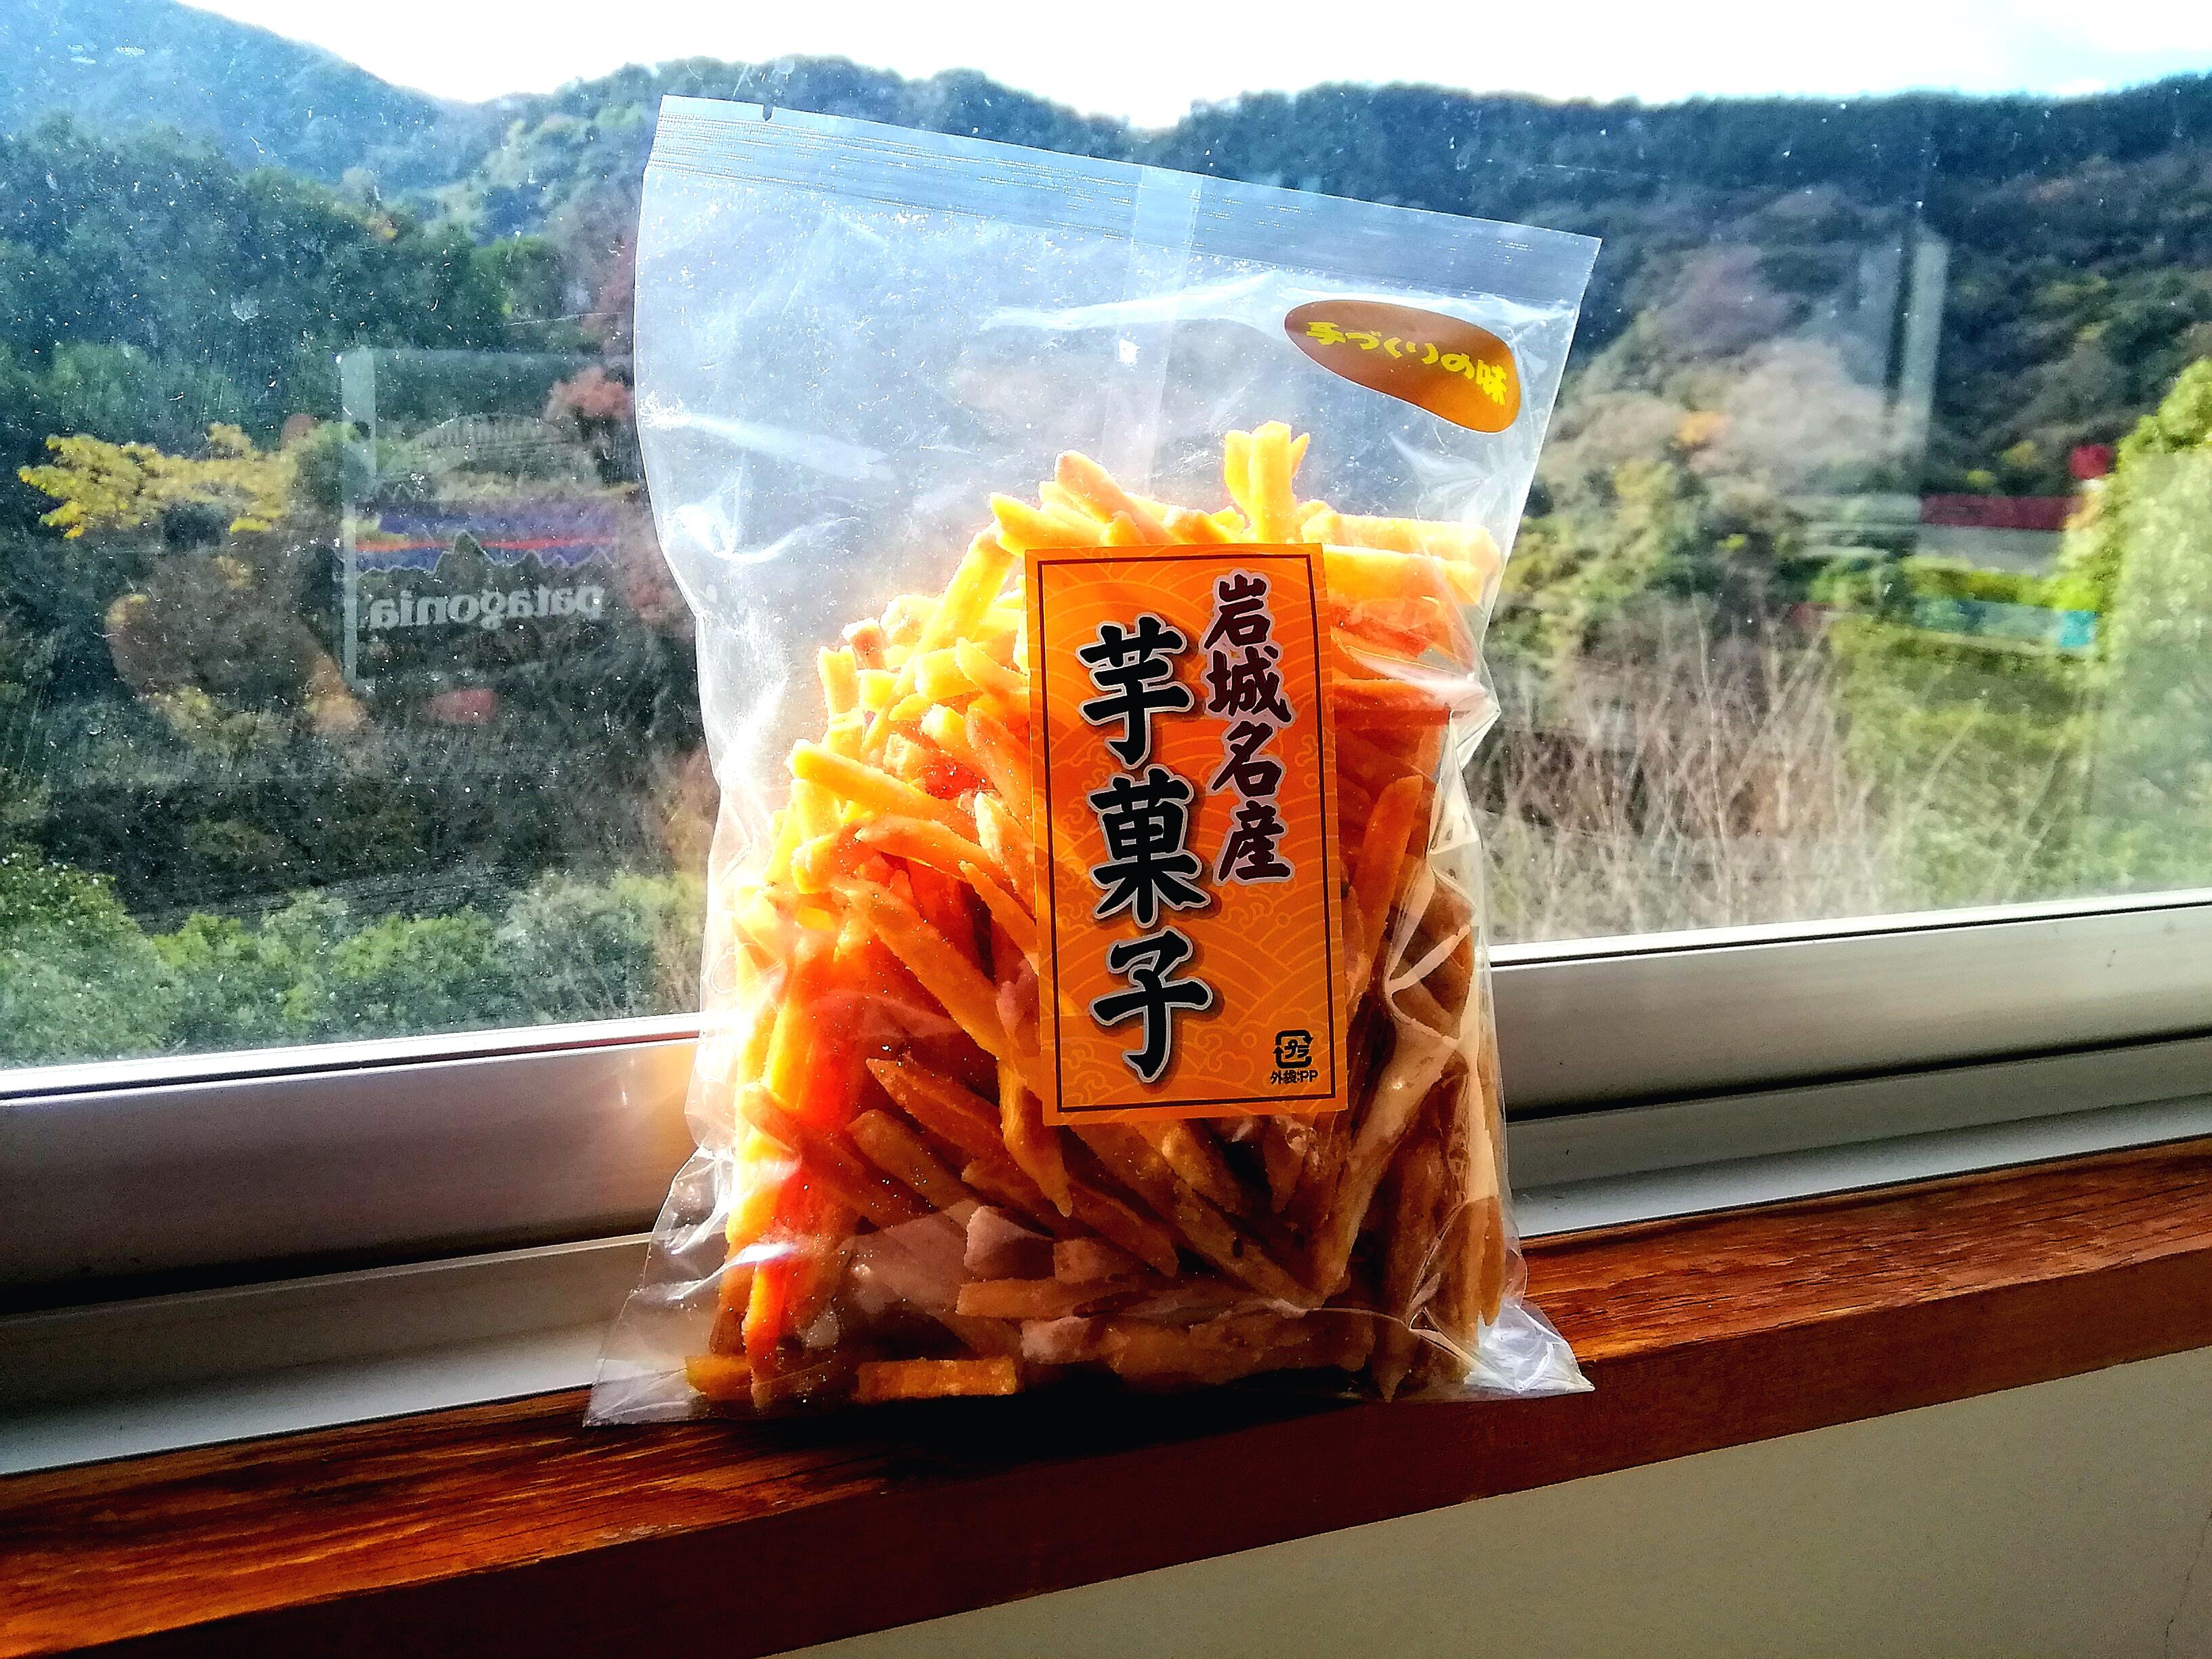 手が止まらなくなるぐらい美味しい!上島町・岩城島発の岩城島銘菓「芋菓子」がおすすめ!